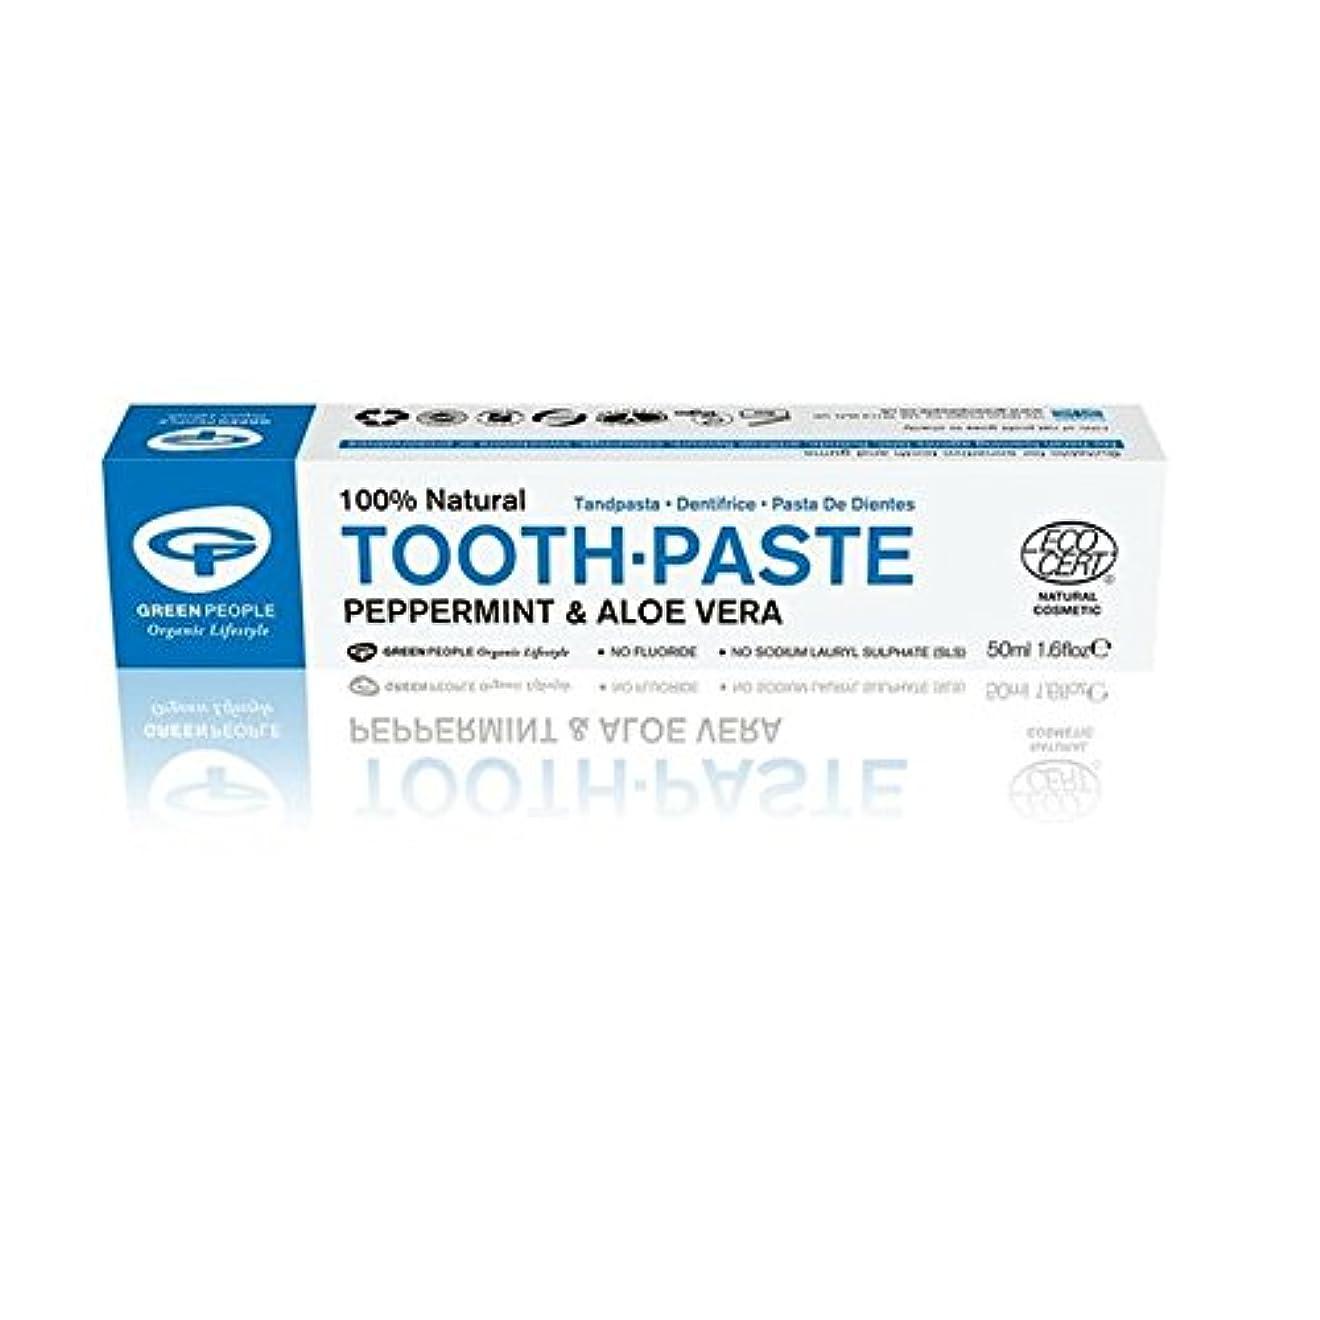 フライト区悪意のある緑の人々の自然ミント歯磨き粉50ミリリットル x2 - Green People Natural Mint Toothpaste 50ml (Pack of 2) [並行輸入品]